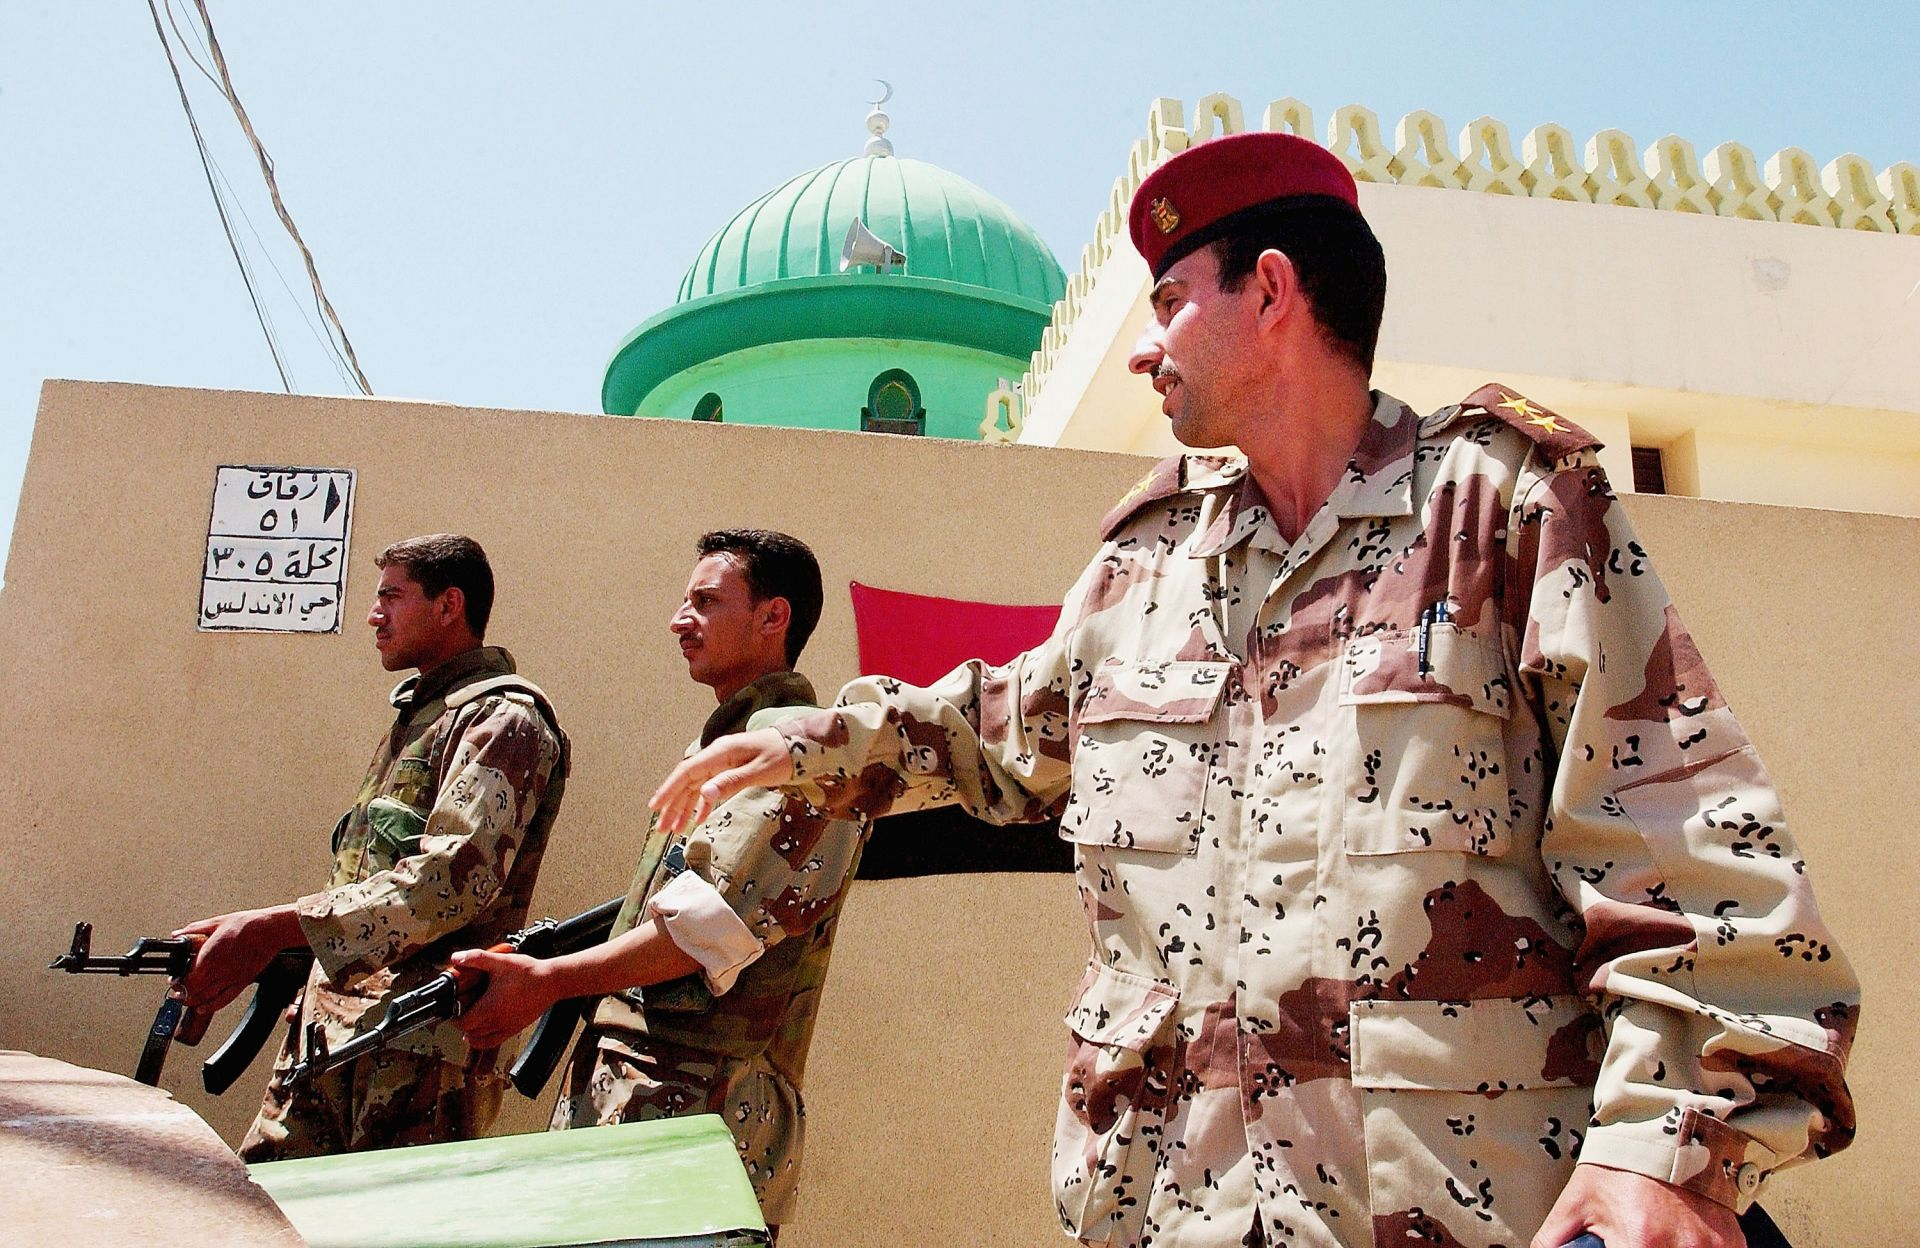 Представители на елитното иранско военно подразделение Корпуса на гвардейците на Ислямската революция